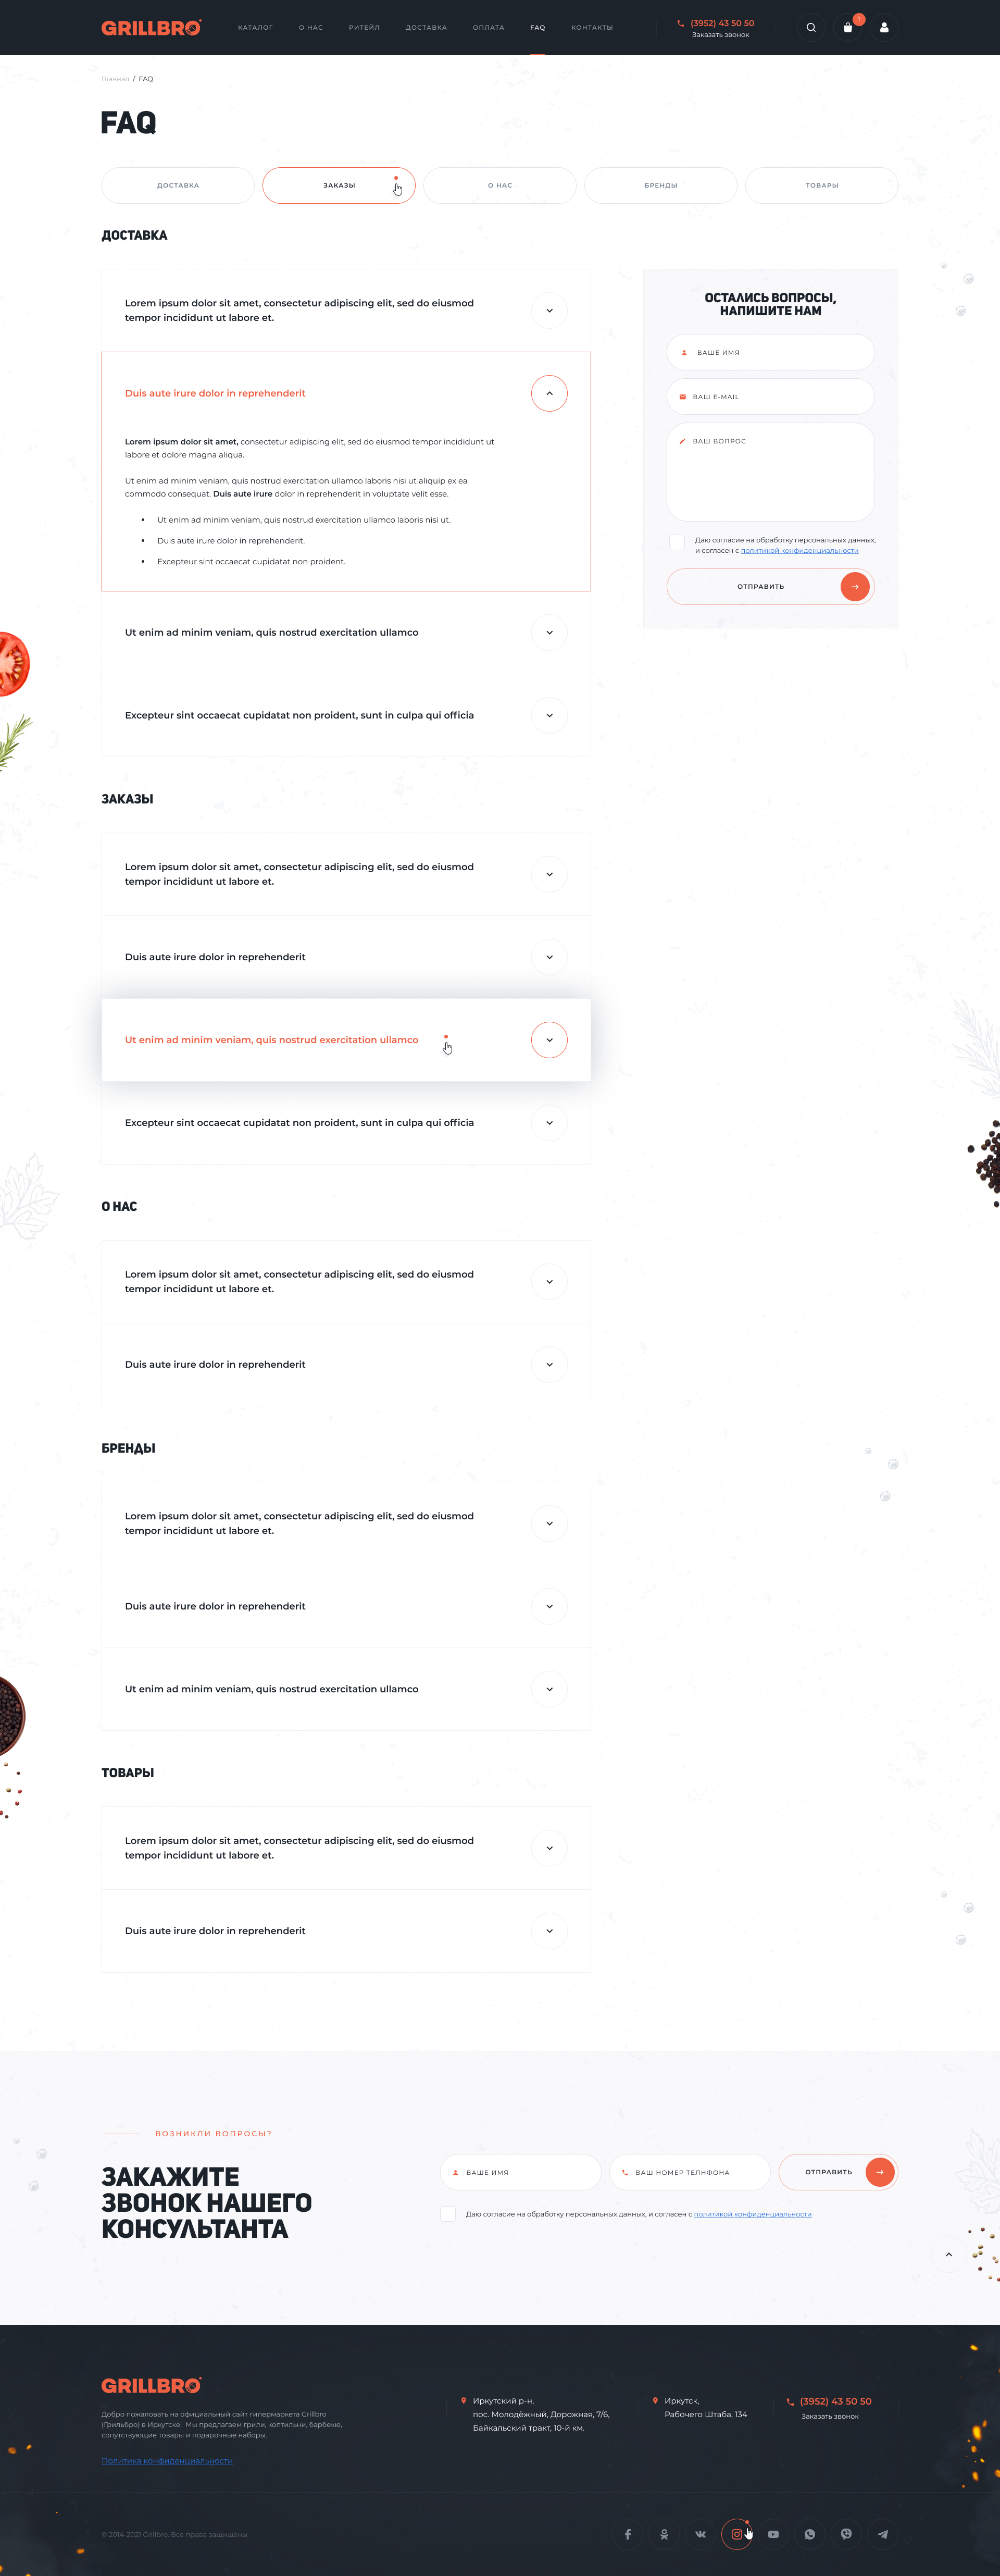 GrillBro_09.0_FAQ_1.0